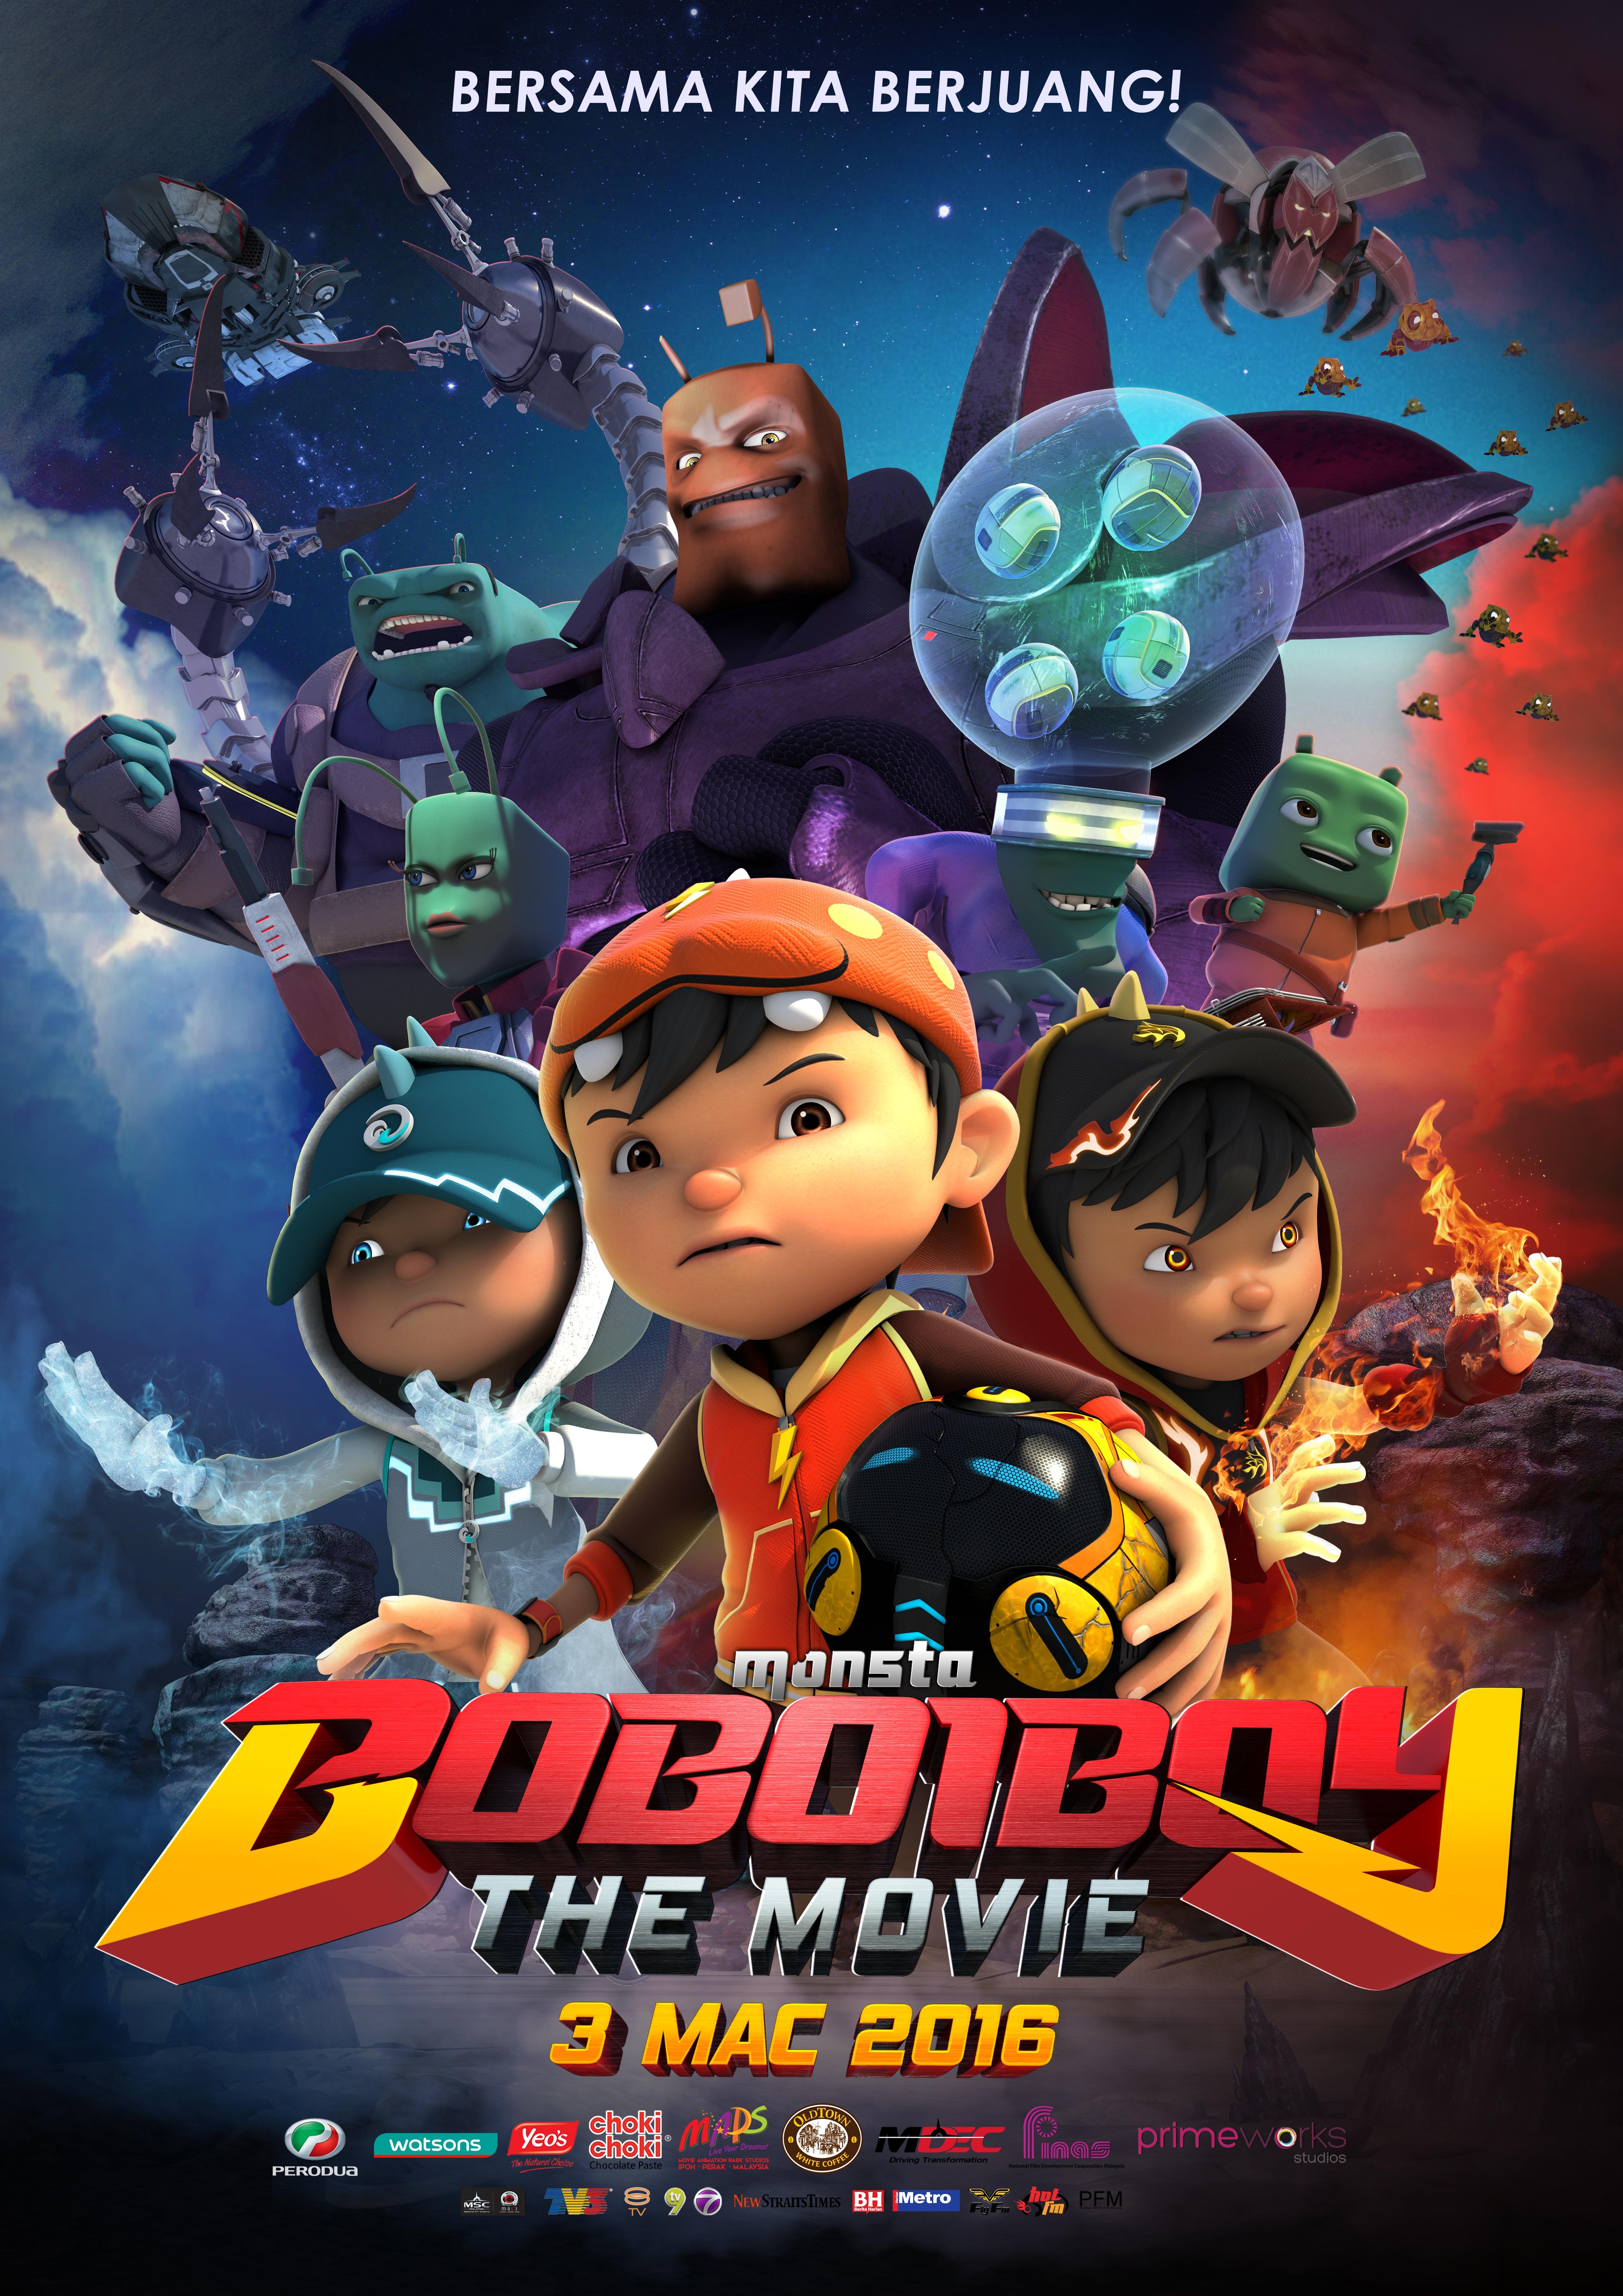 Filem Boboiboy The Movie Poster